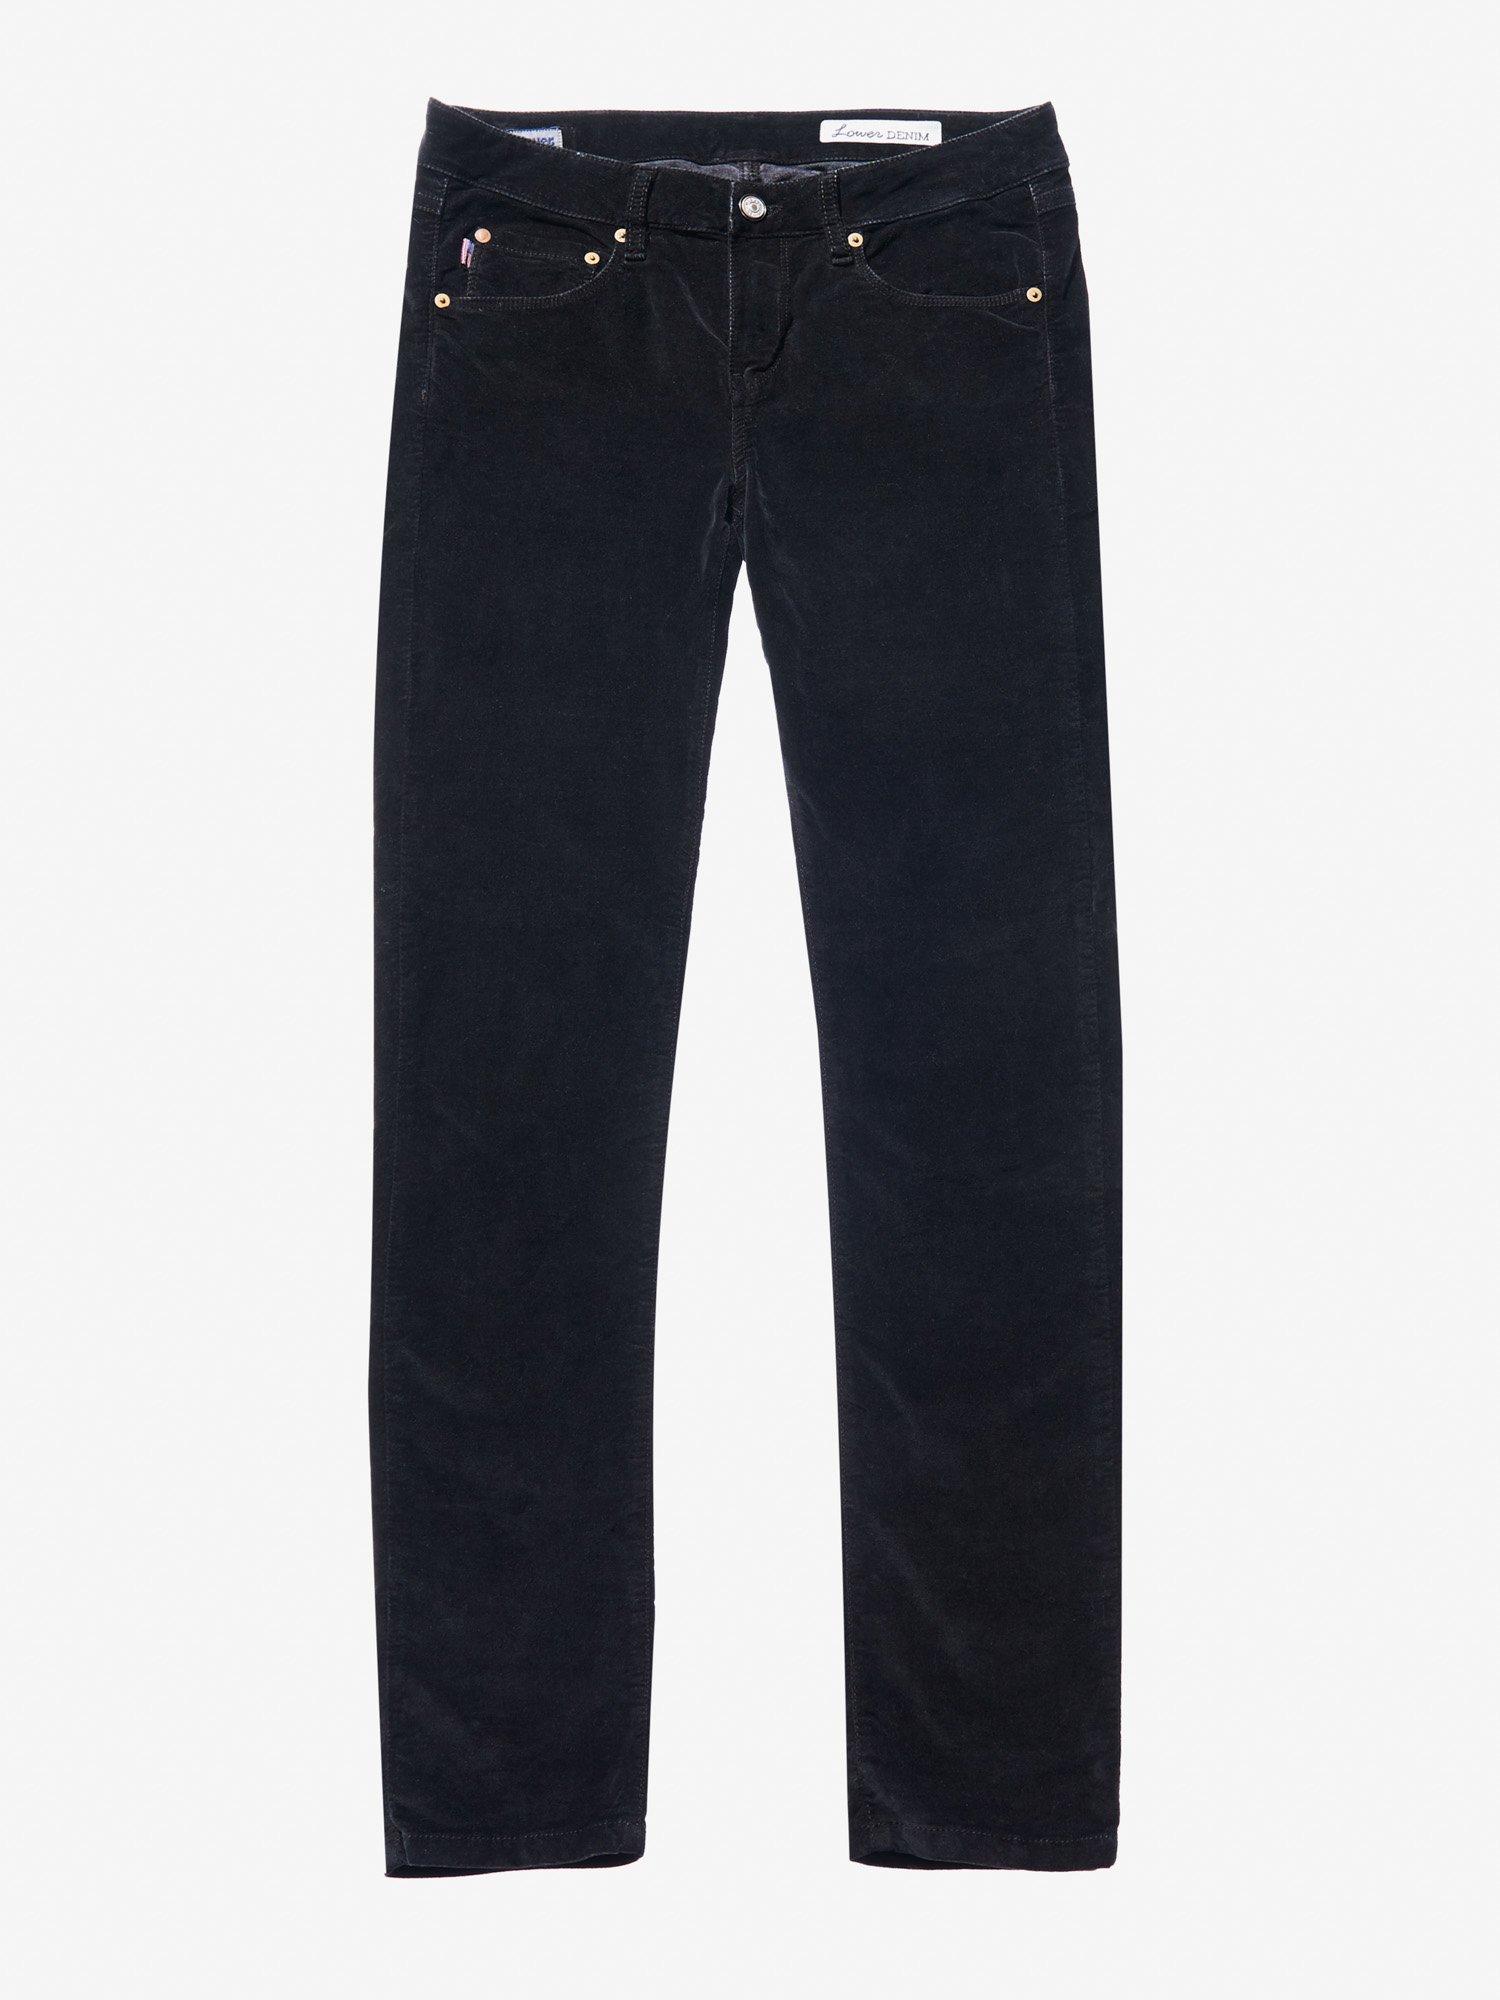 Blauer - VELVET PANTS - Black - Blauer